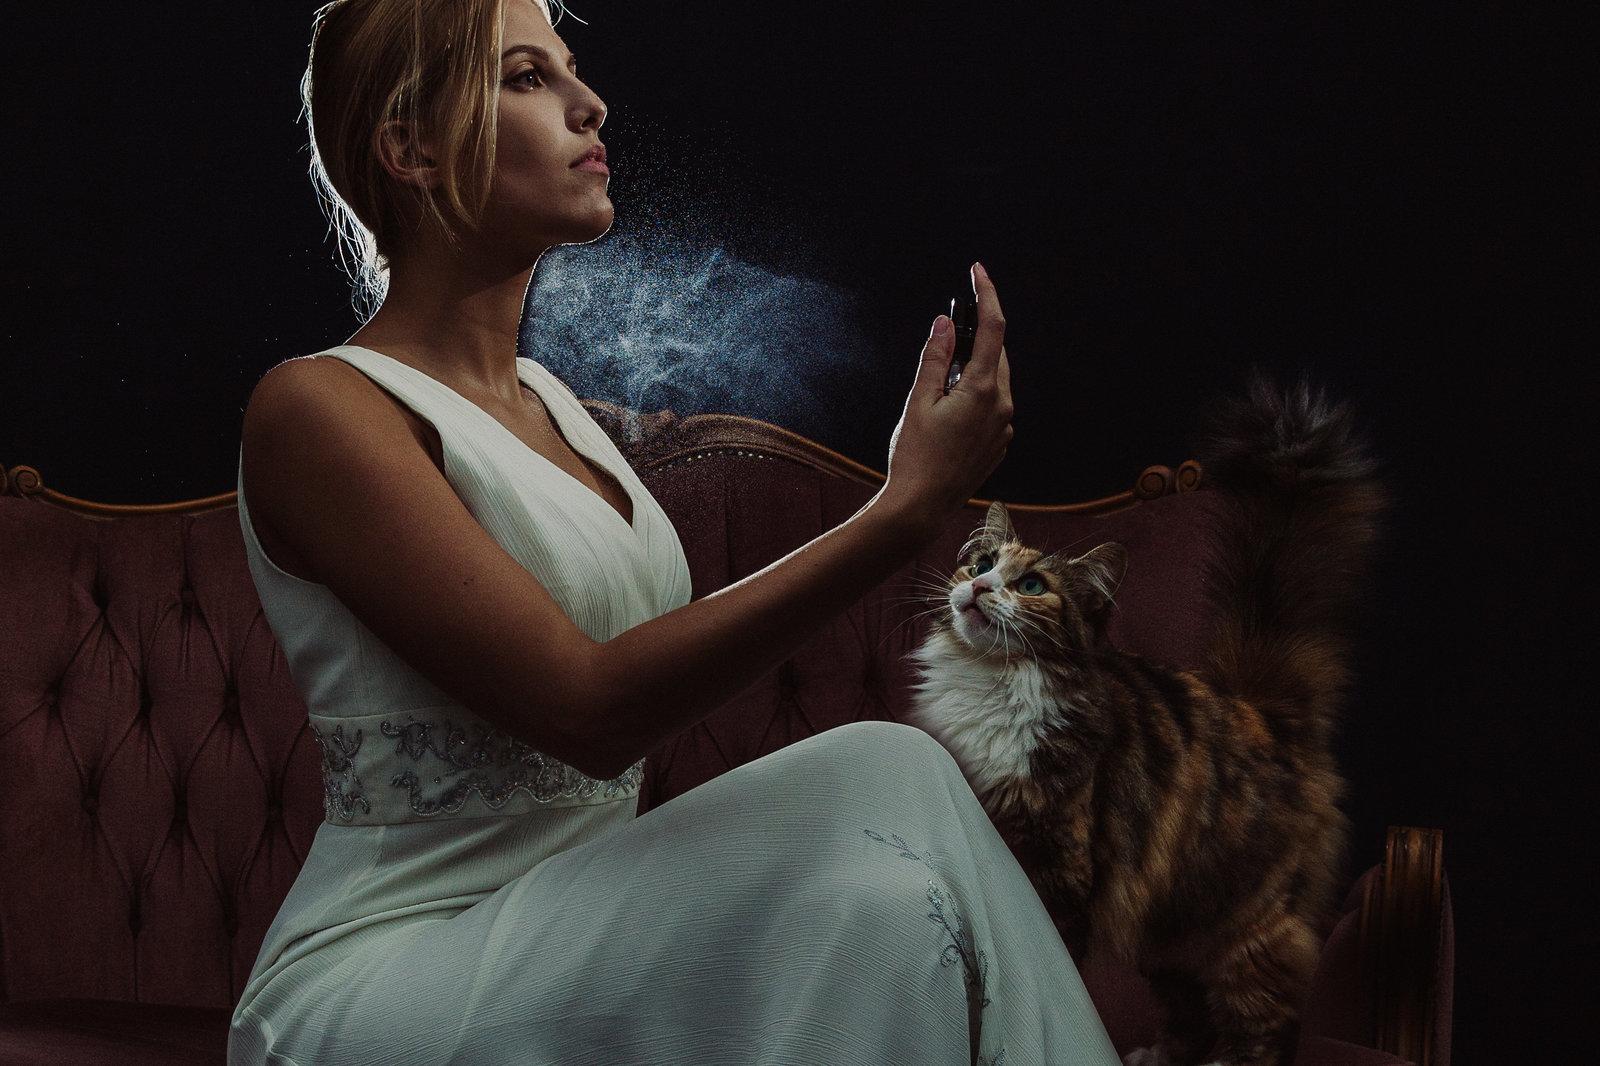 Brid spuit parfum, poes kijkt toe. Strobist foto, gemaakt door FOTOZEE